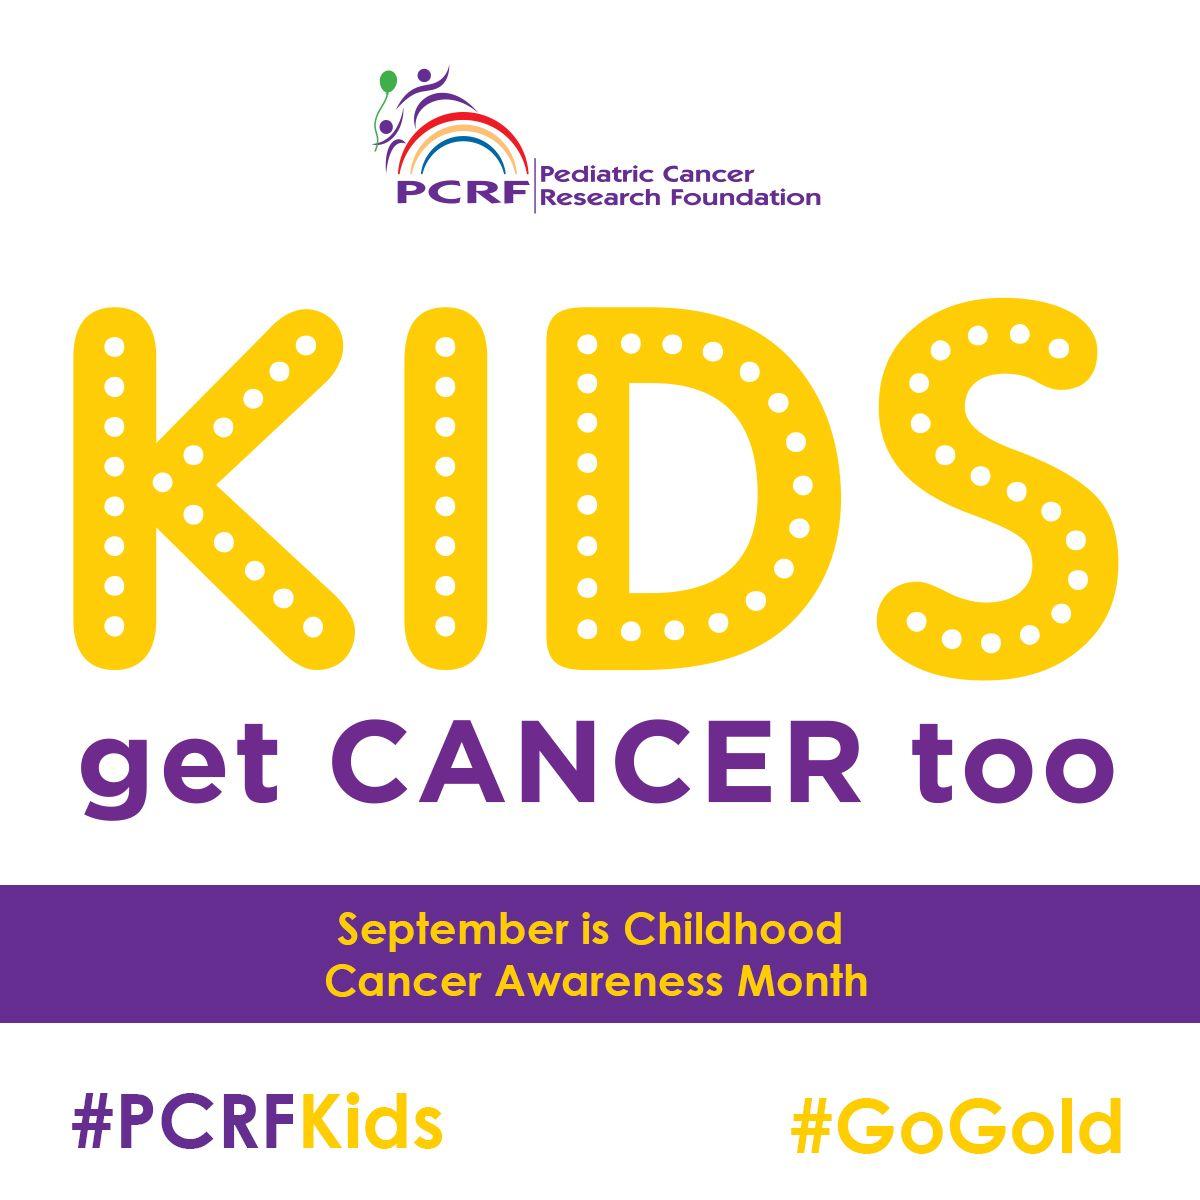 PediatricCancer ChildhoodCancer PCRFKids CureCancer